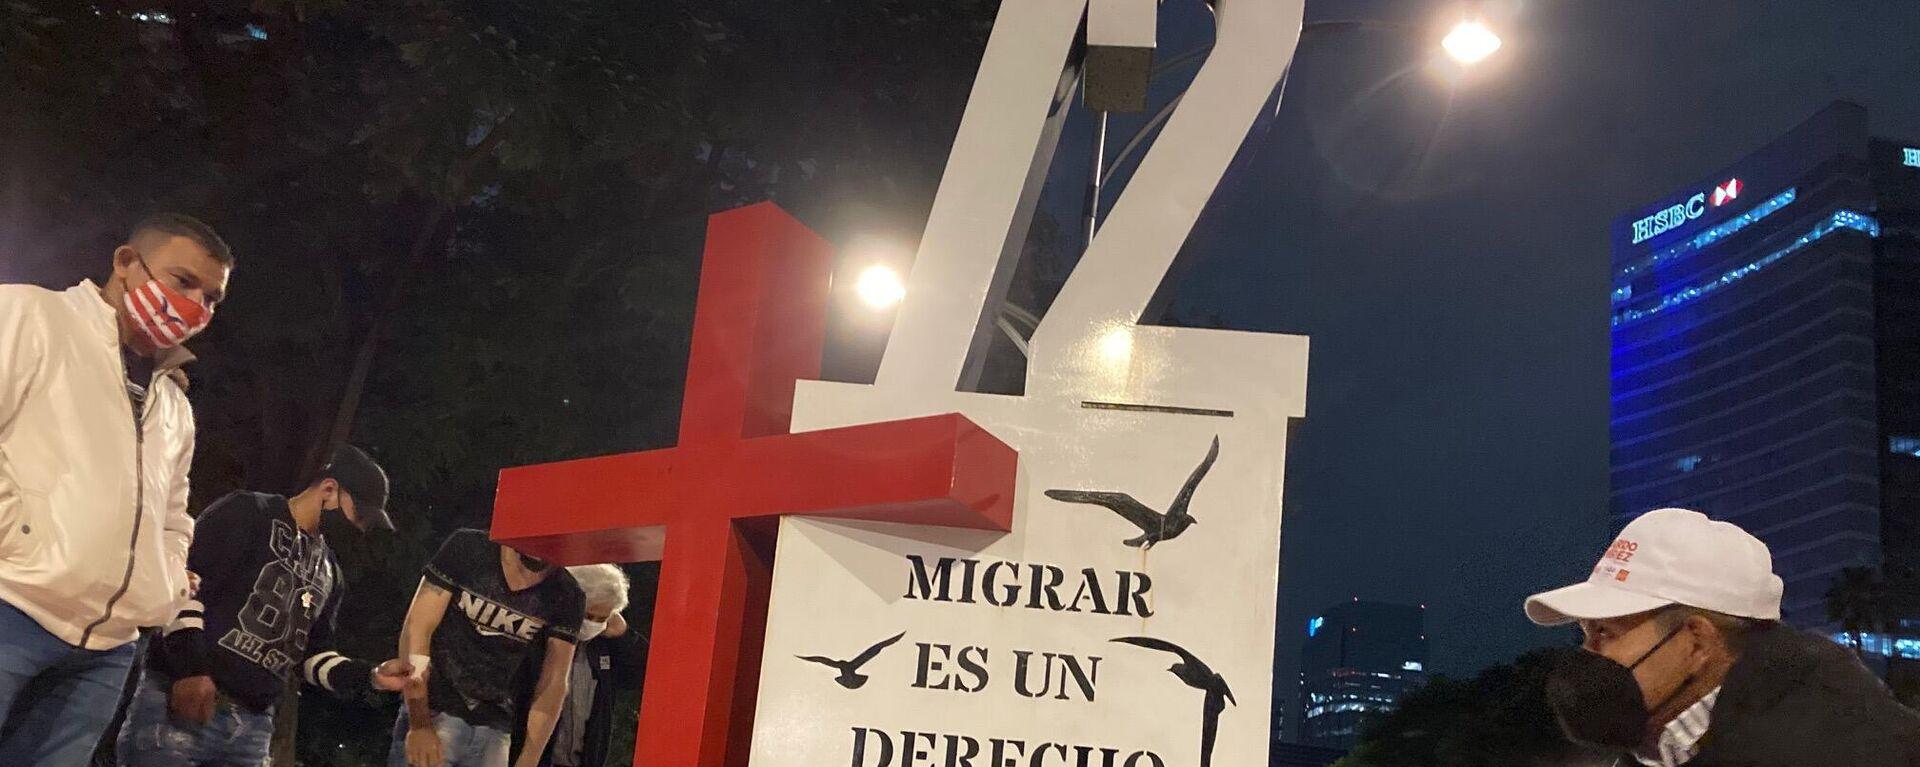 Un antimonumento que reza +72, recuerda a quienes han sido víctimas de la violencia en su paso por México - Sputnik Mundo, 1920, 31.08.2021